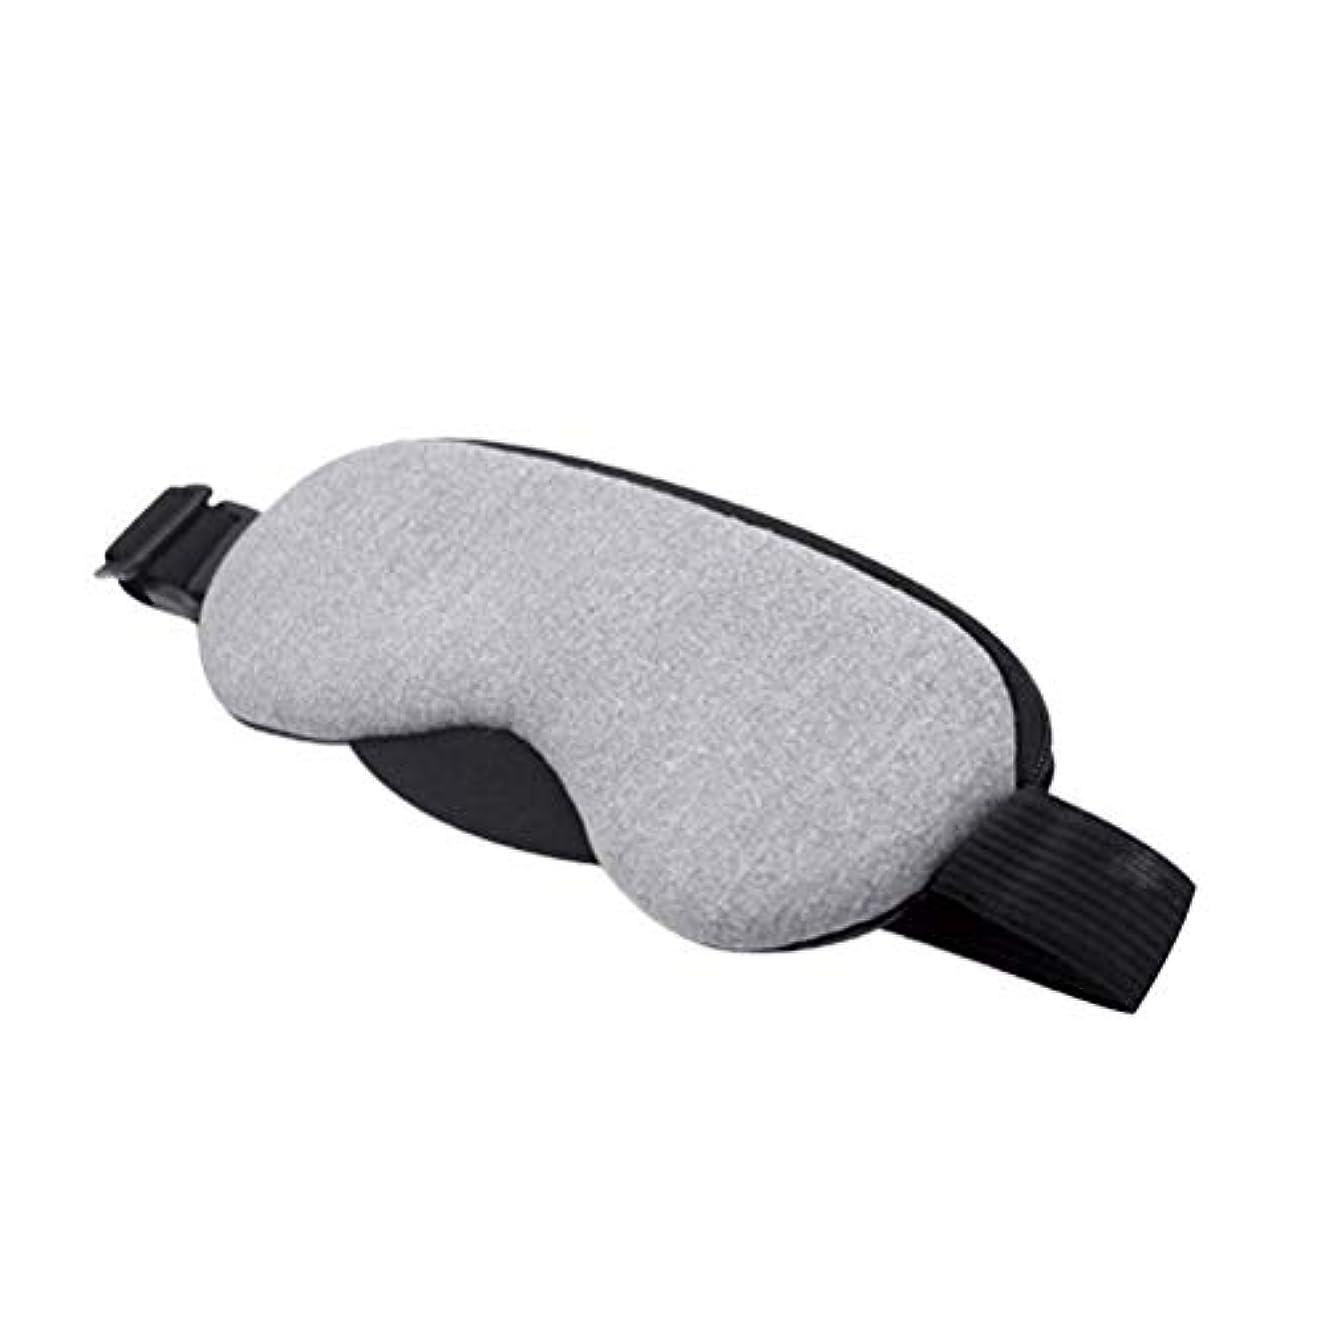 開いたなめらかな退屈させるHealifty アイマスク 蒸気ホットアイマスク USB 加熱式 スリーピングアイマスク 温度とタイミング制御 吹き出物/乾燥/疲れた目(灰色)